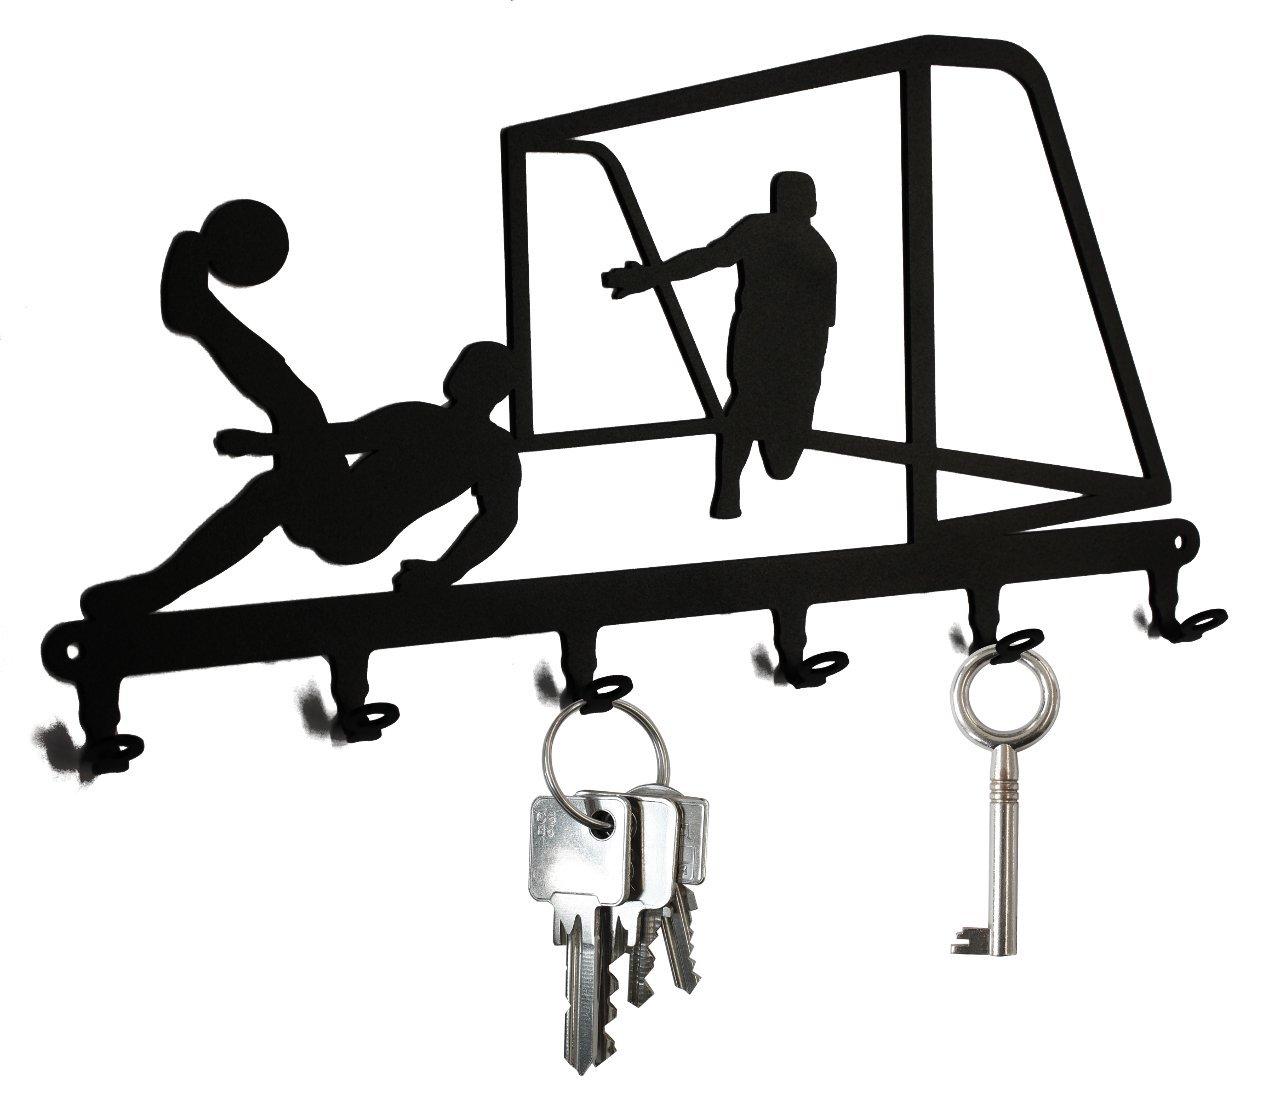 Key holder / hook Soccer Game - key hooks for wall, hanger - 6 hooks black metal